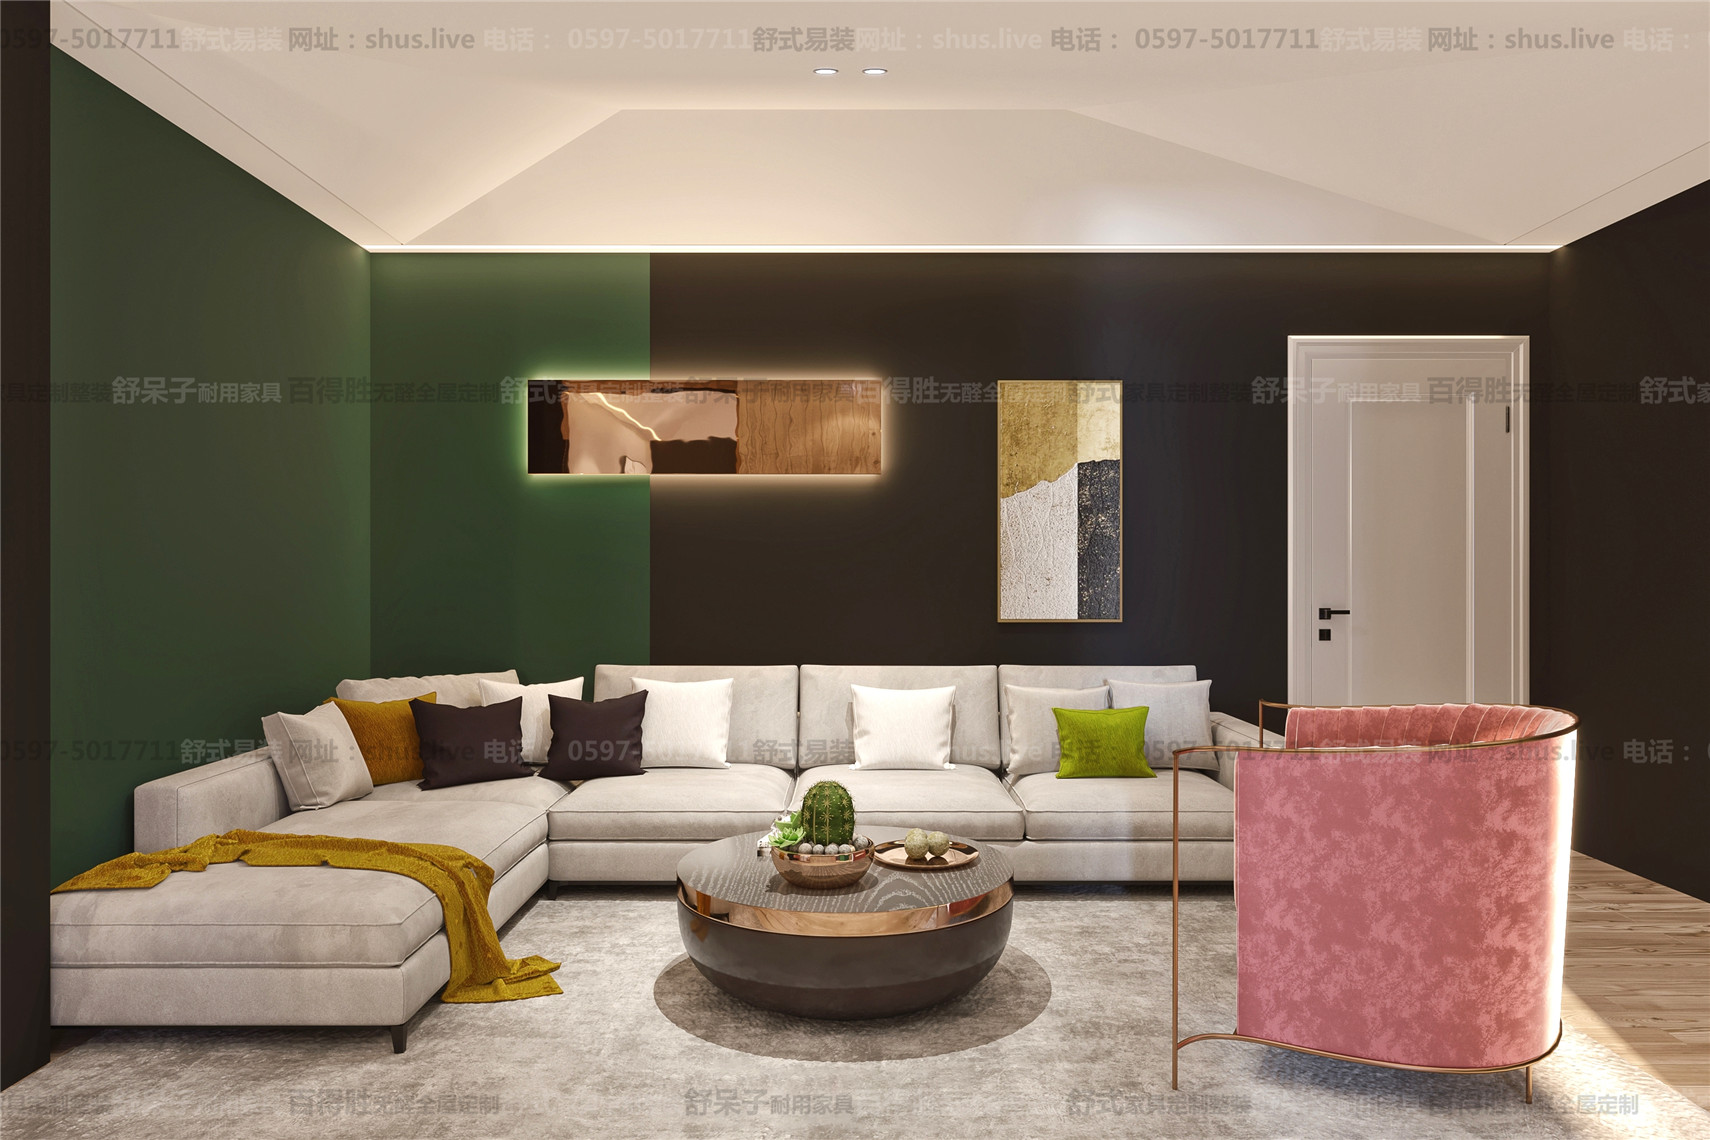 现代轻奢-全屋整装-舒式易装-用复古的色彩去做现代轻奢